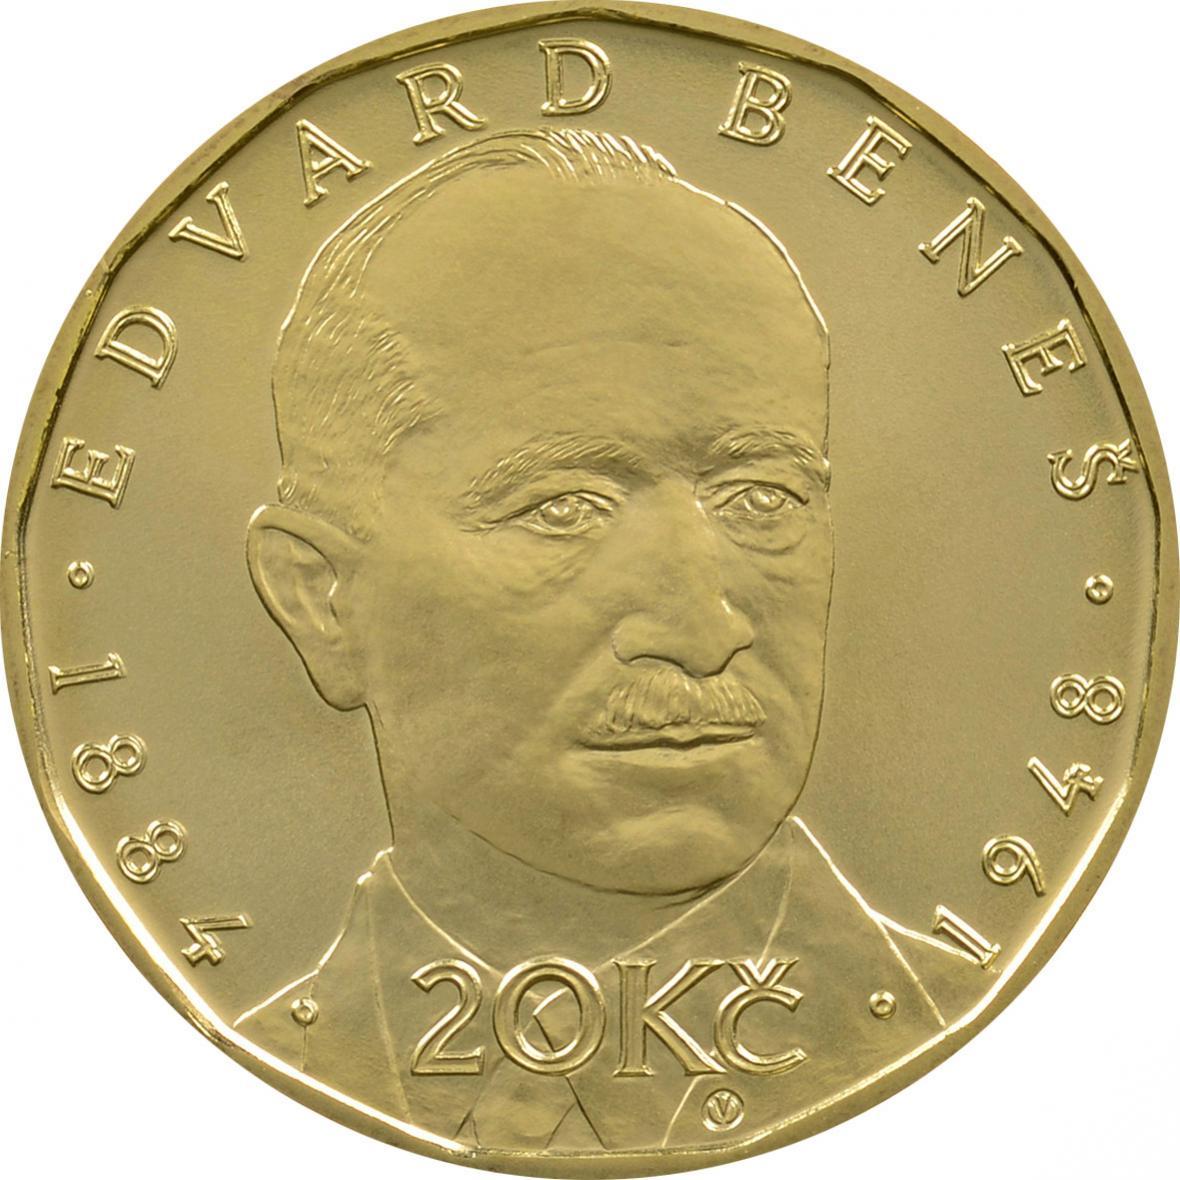 mince s portrétem Edvarda Beneše